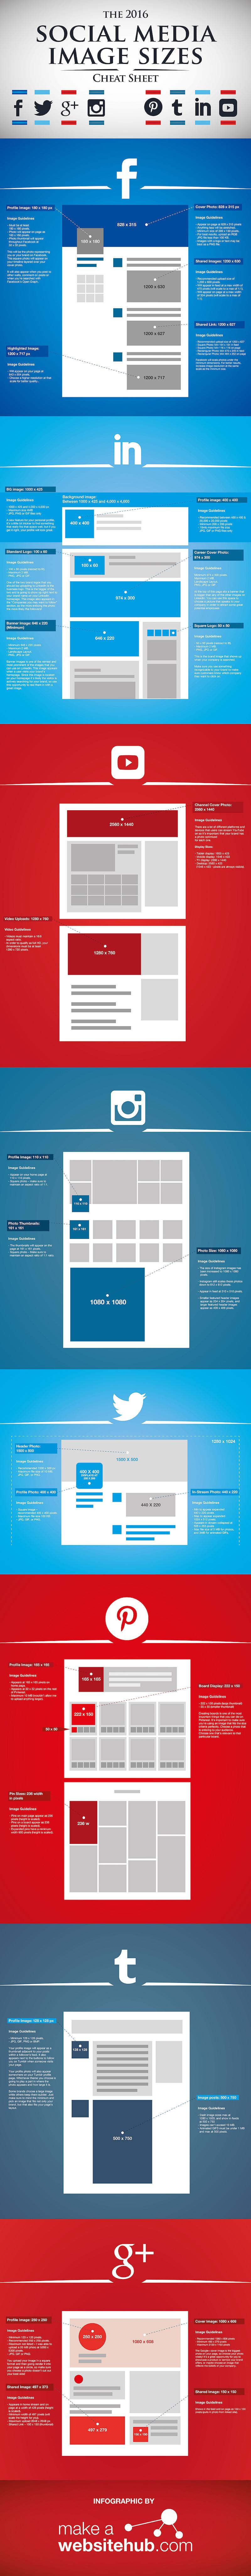 Bildgrößen Facebook, Twitter, Youtube, Instagram